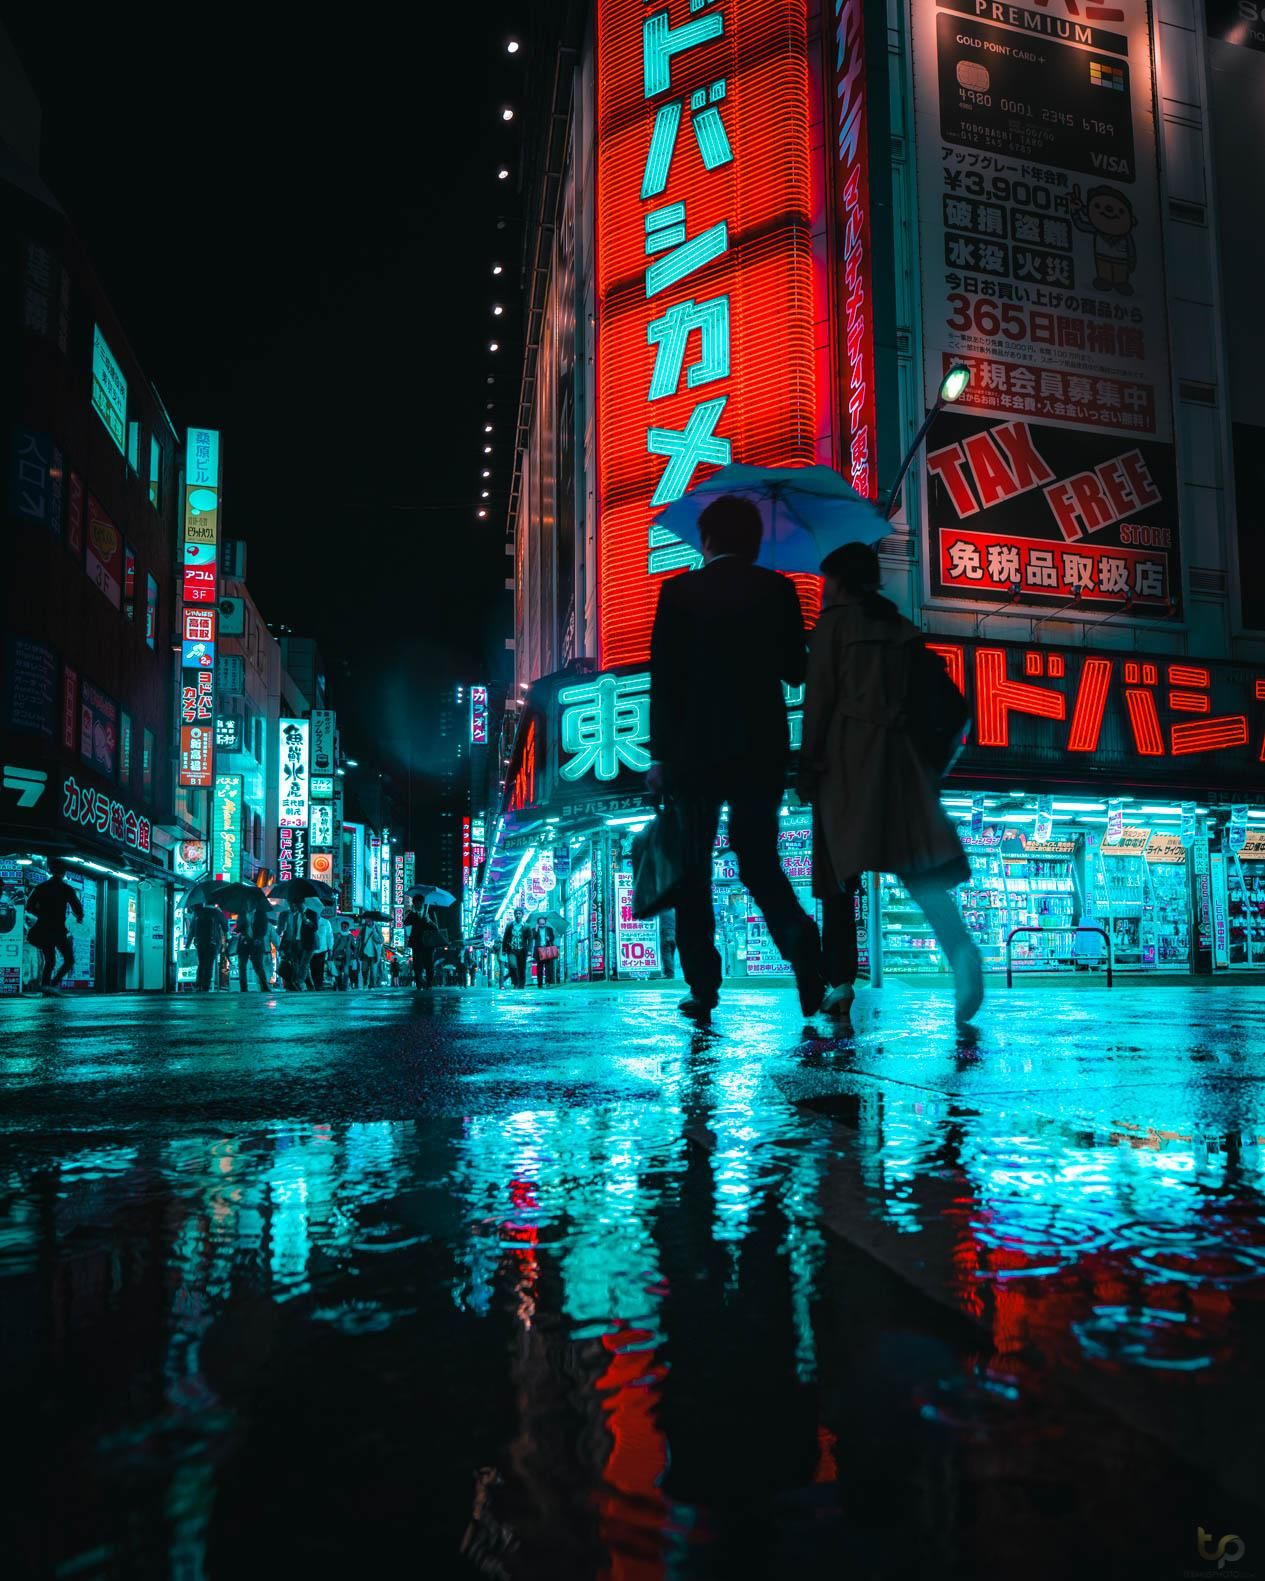 海外 常に日本が恋しい 東京をサイバーパンク映画のワンシーンのように撮影した写真が話題に 海外の反応 サイバーパンクシティ 街角フォト サイバーパンク